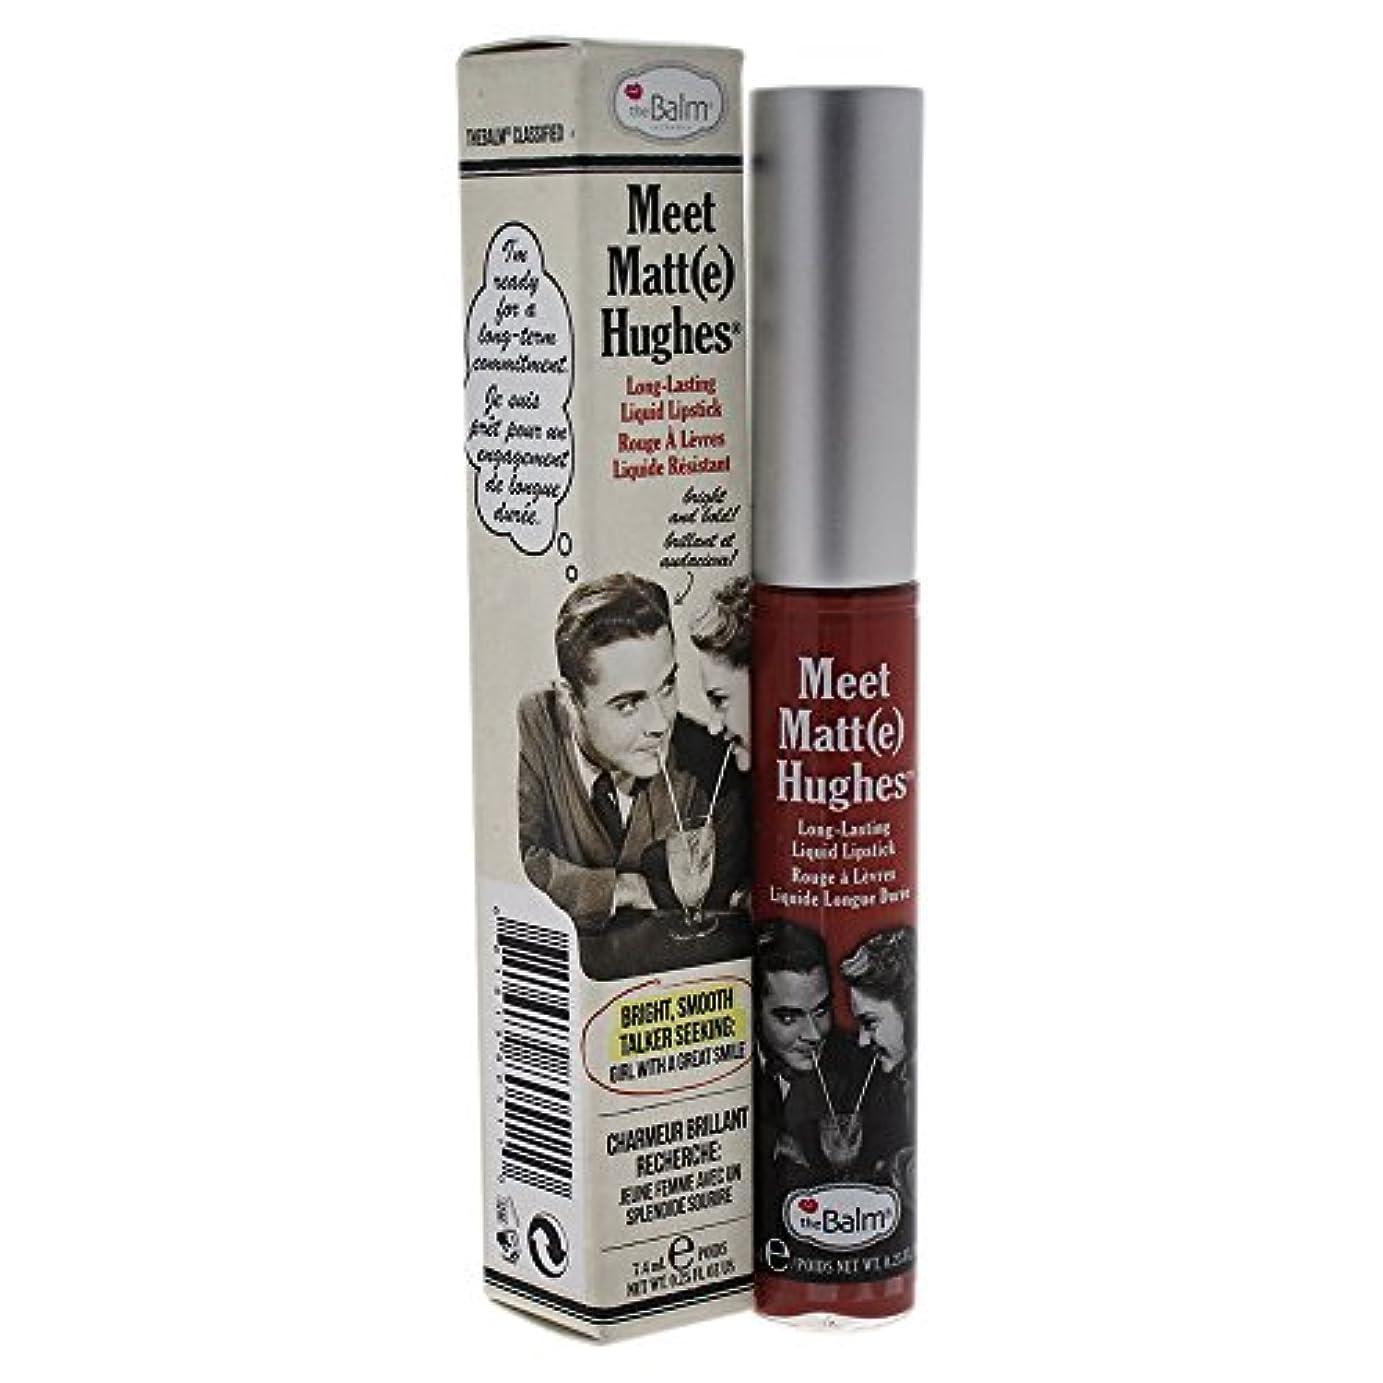 権限を与える欲望出くわすザバーム Meet Matte Hughes Long Lasting Liquid Lipstick - Committed 7.4ml/0.25oz並行輸入品